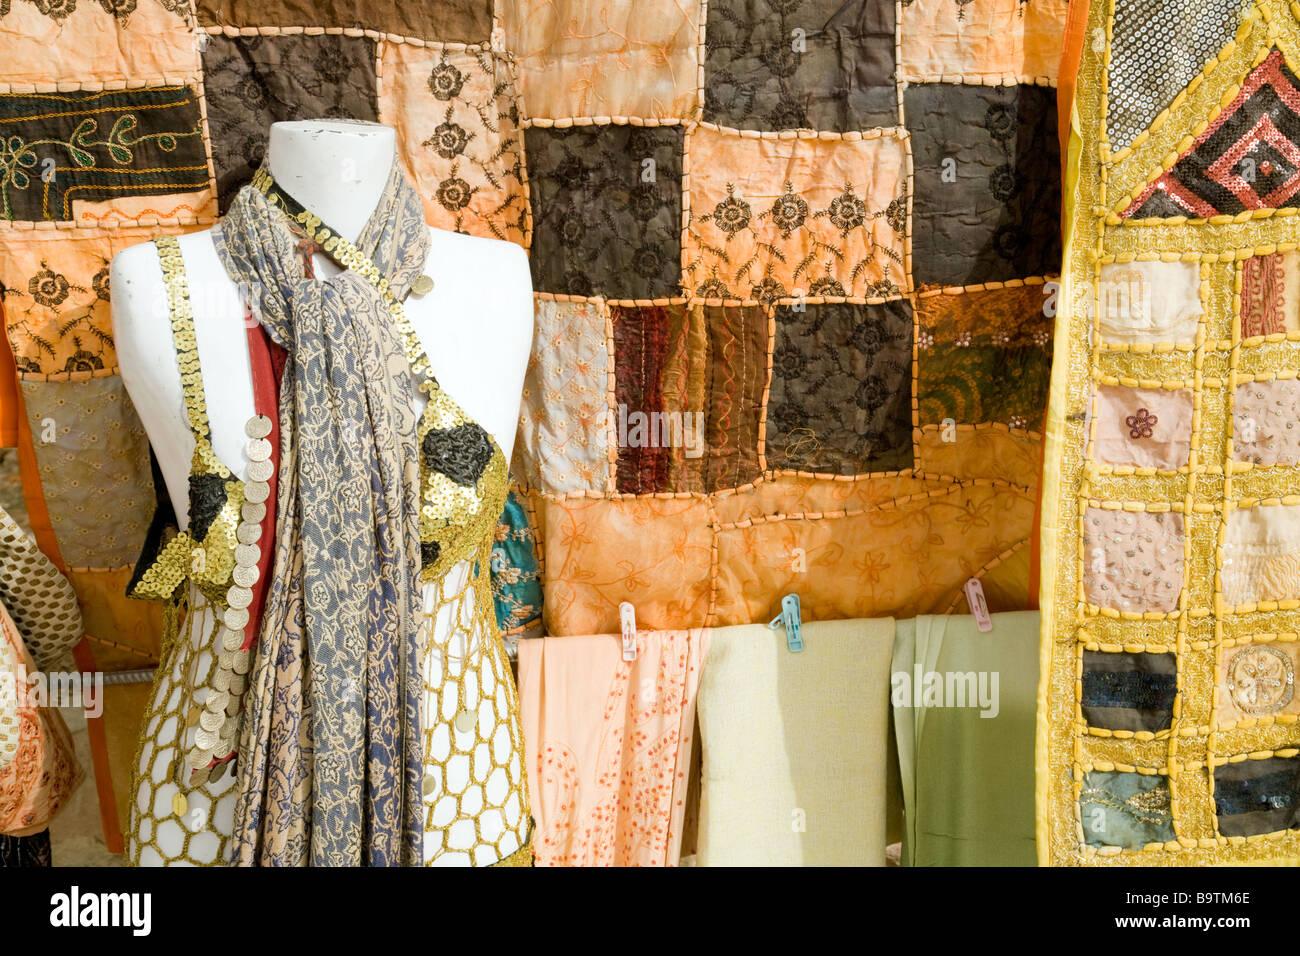 Vêtements et matériel à vendre, Jordanie Photo Stock